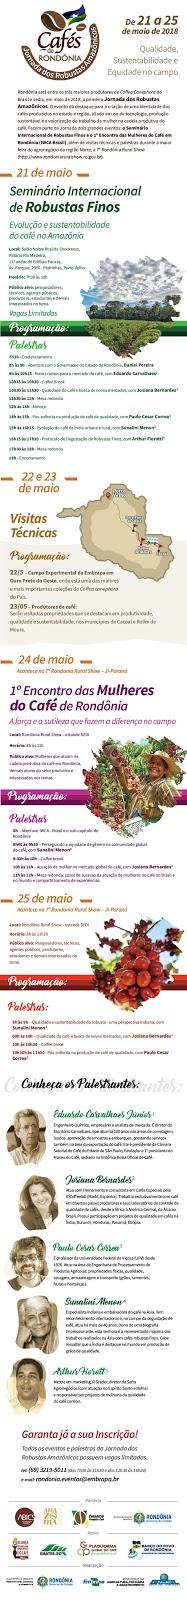 Jornada dos Robustas Amazônicos acontece de 21 a 25 de maio em Rondônia